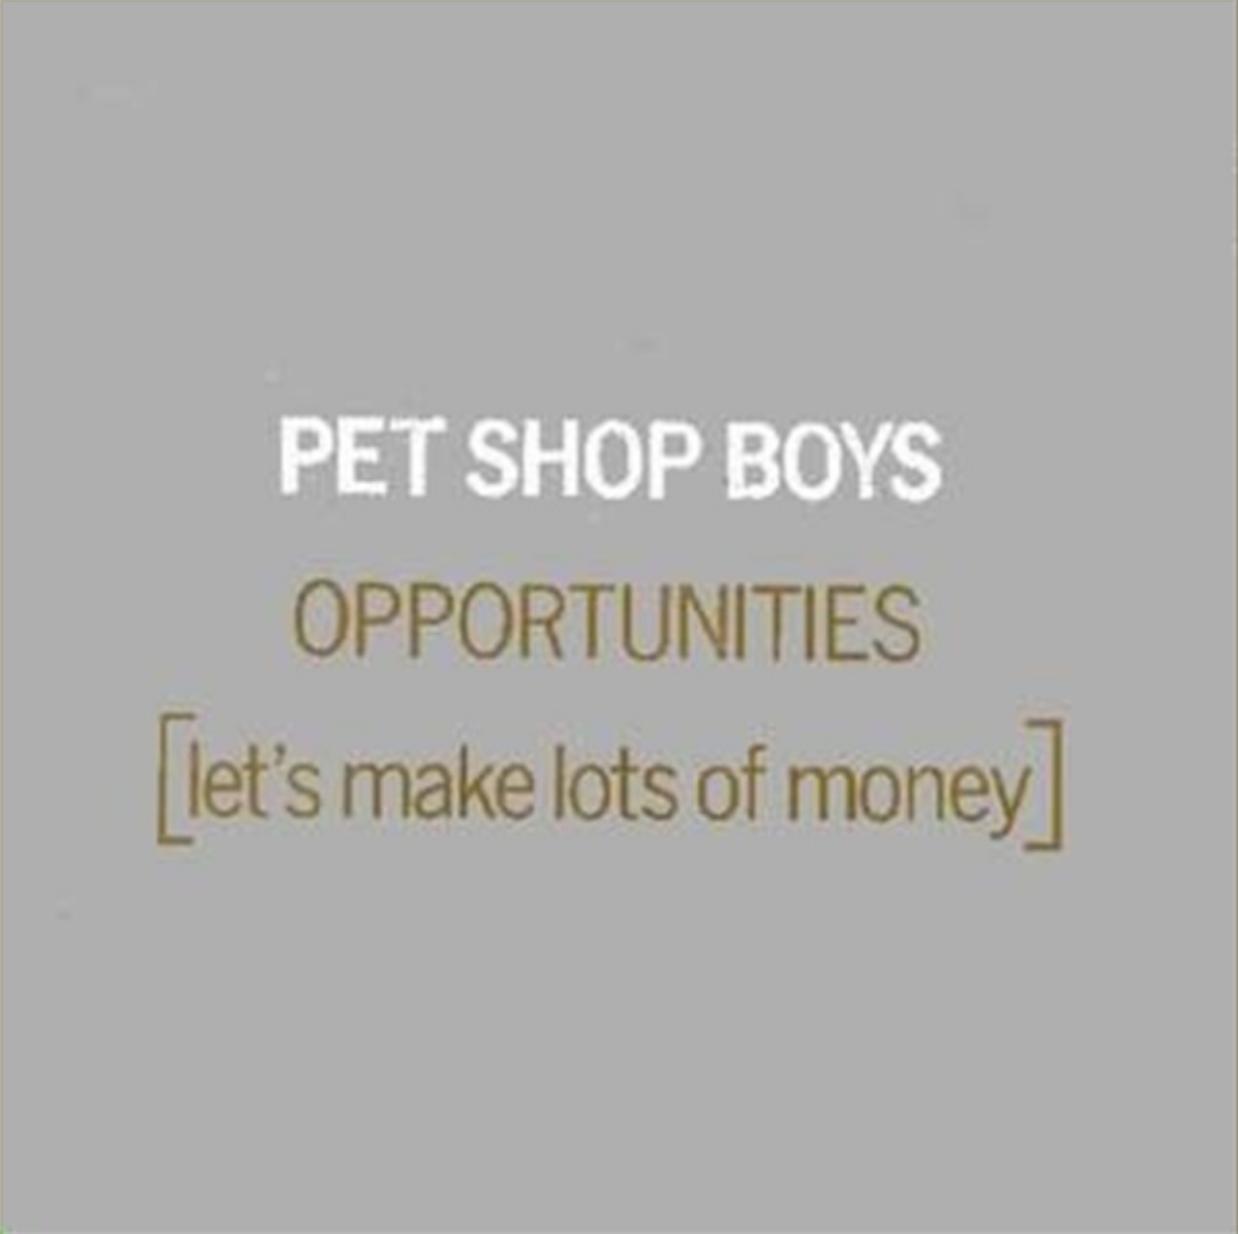 The Lowdown: Pet Shop Boys - Opportunities